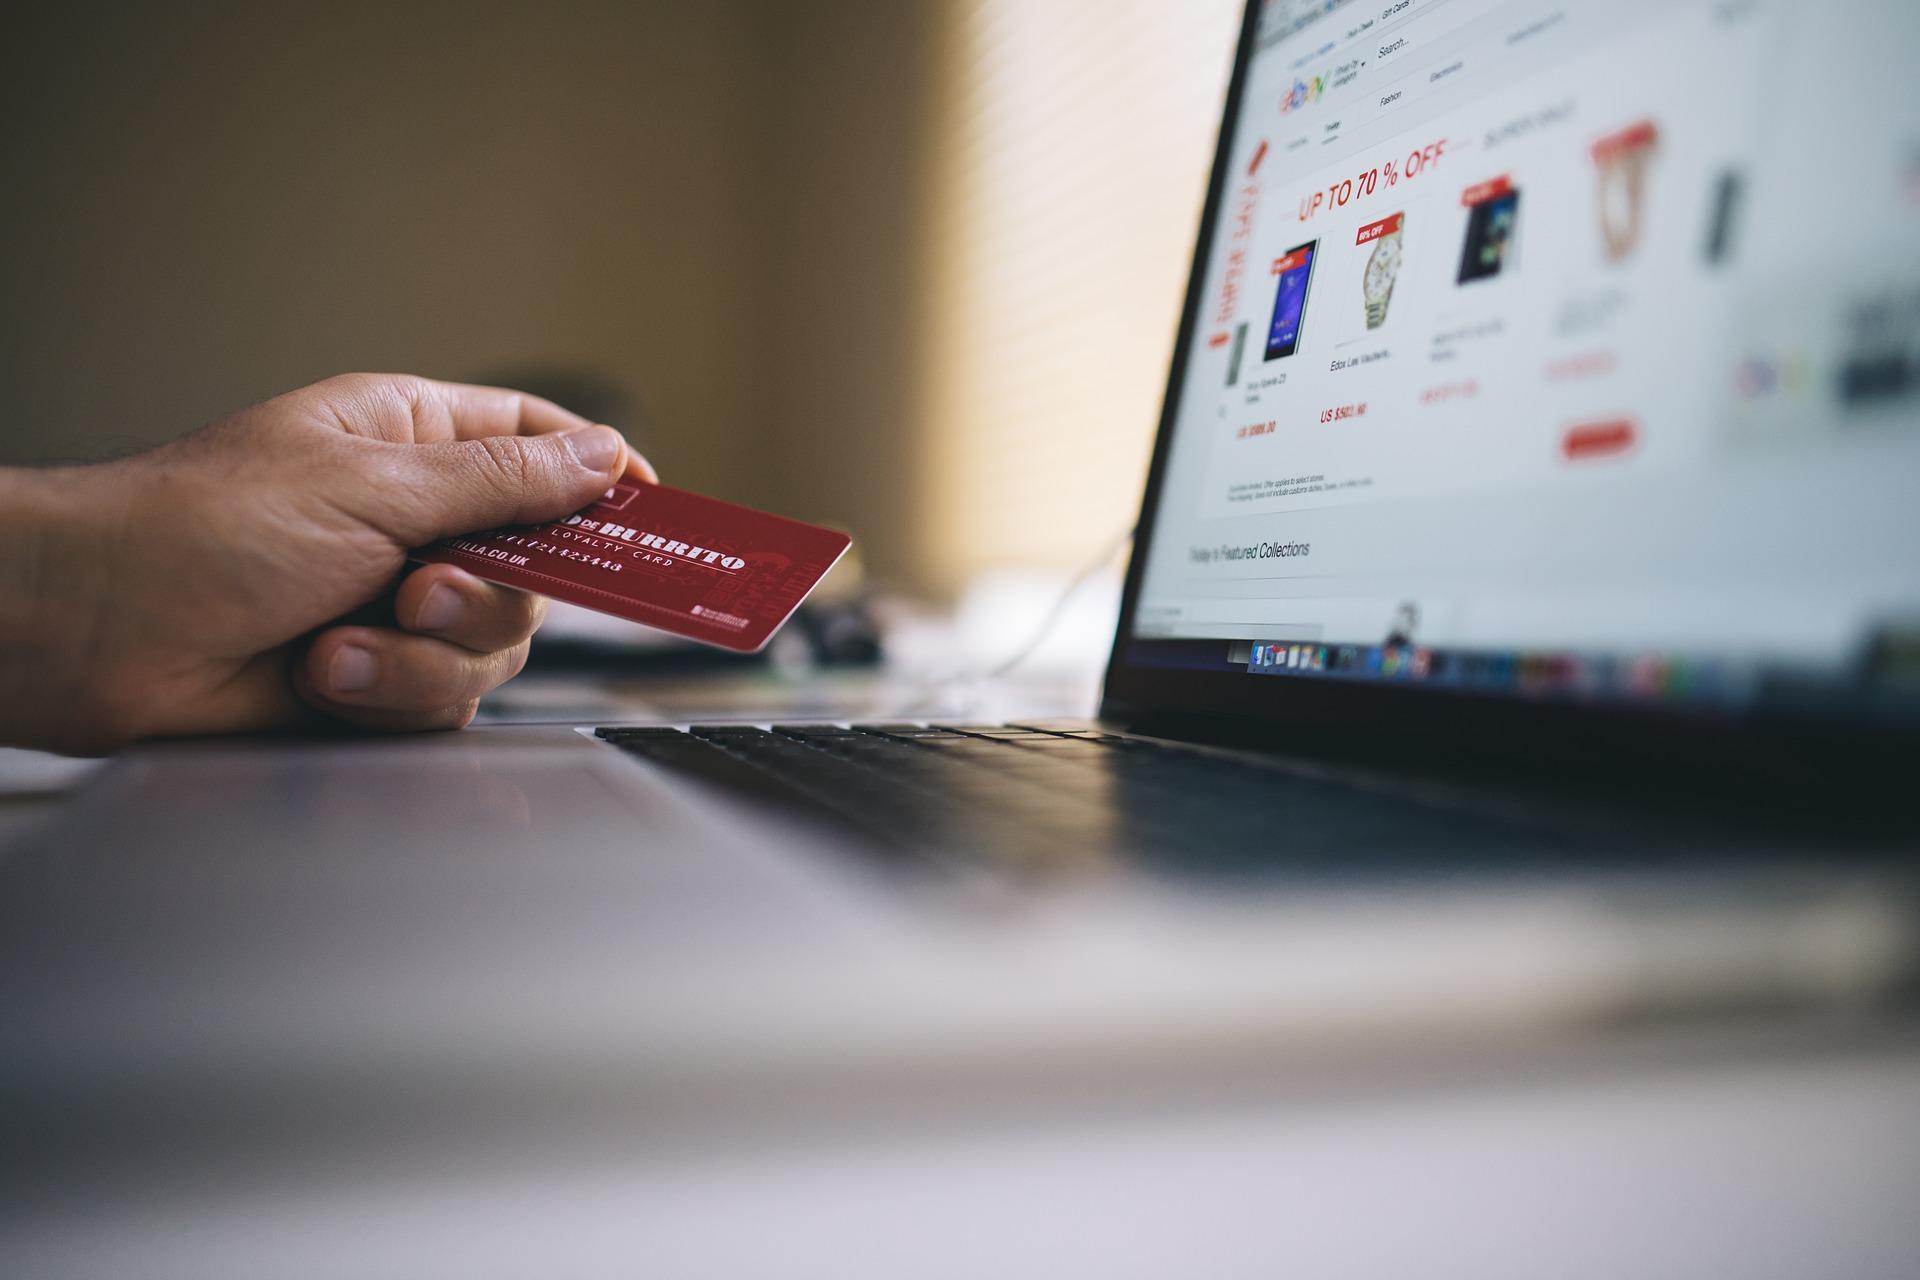 איך להביא כמה שיותר גולשים לחנות המקוונת שלך